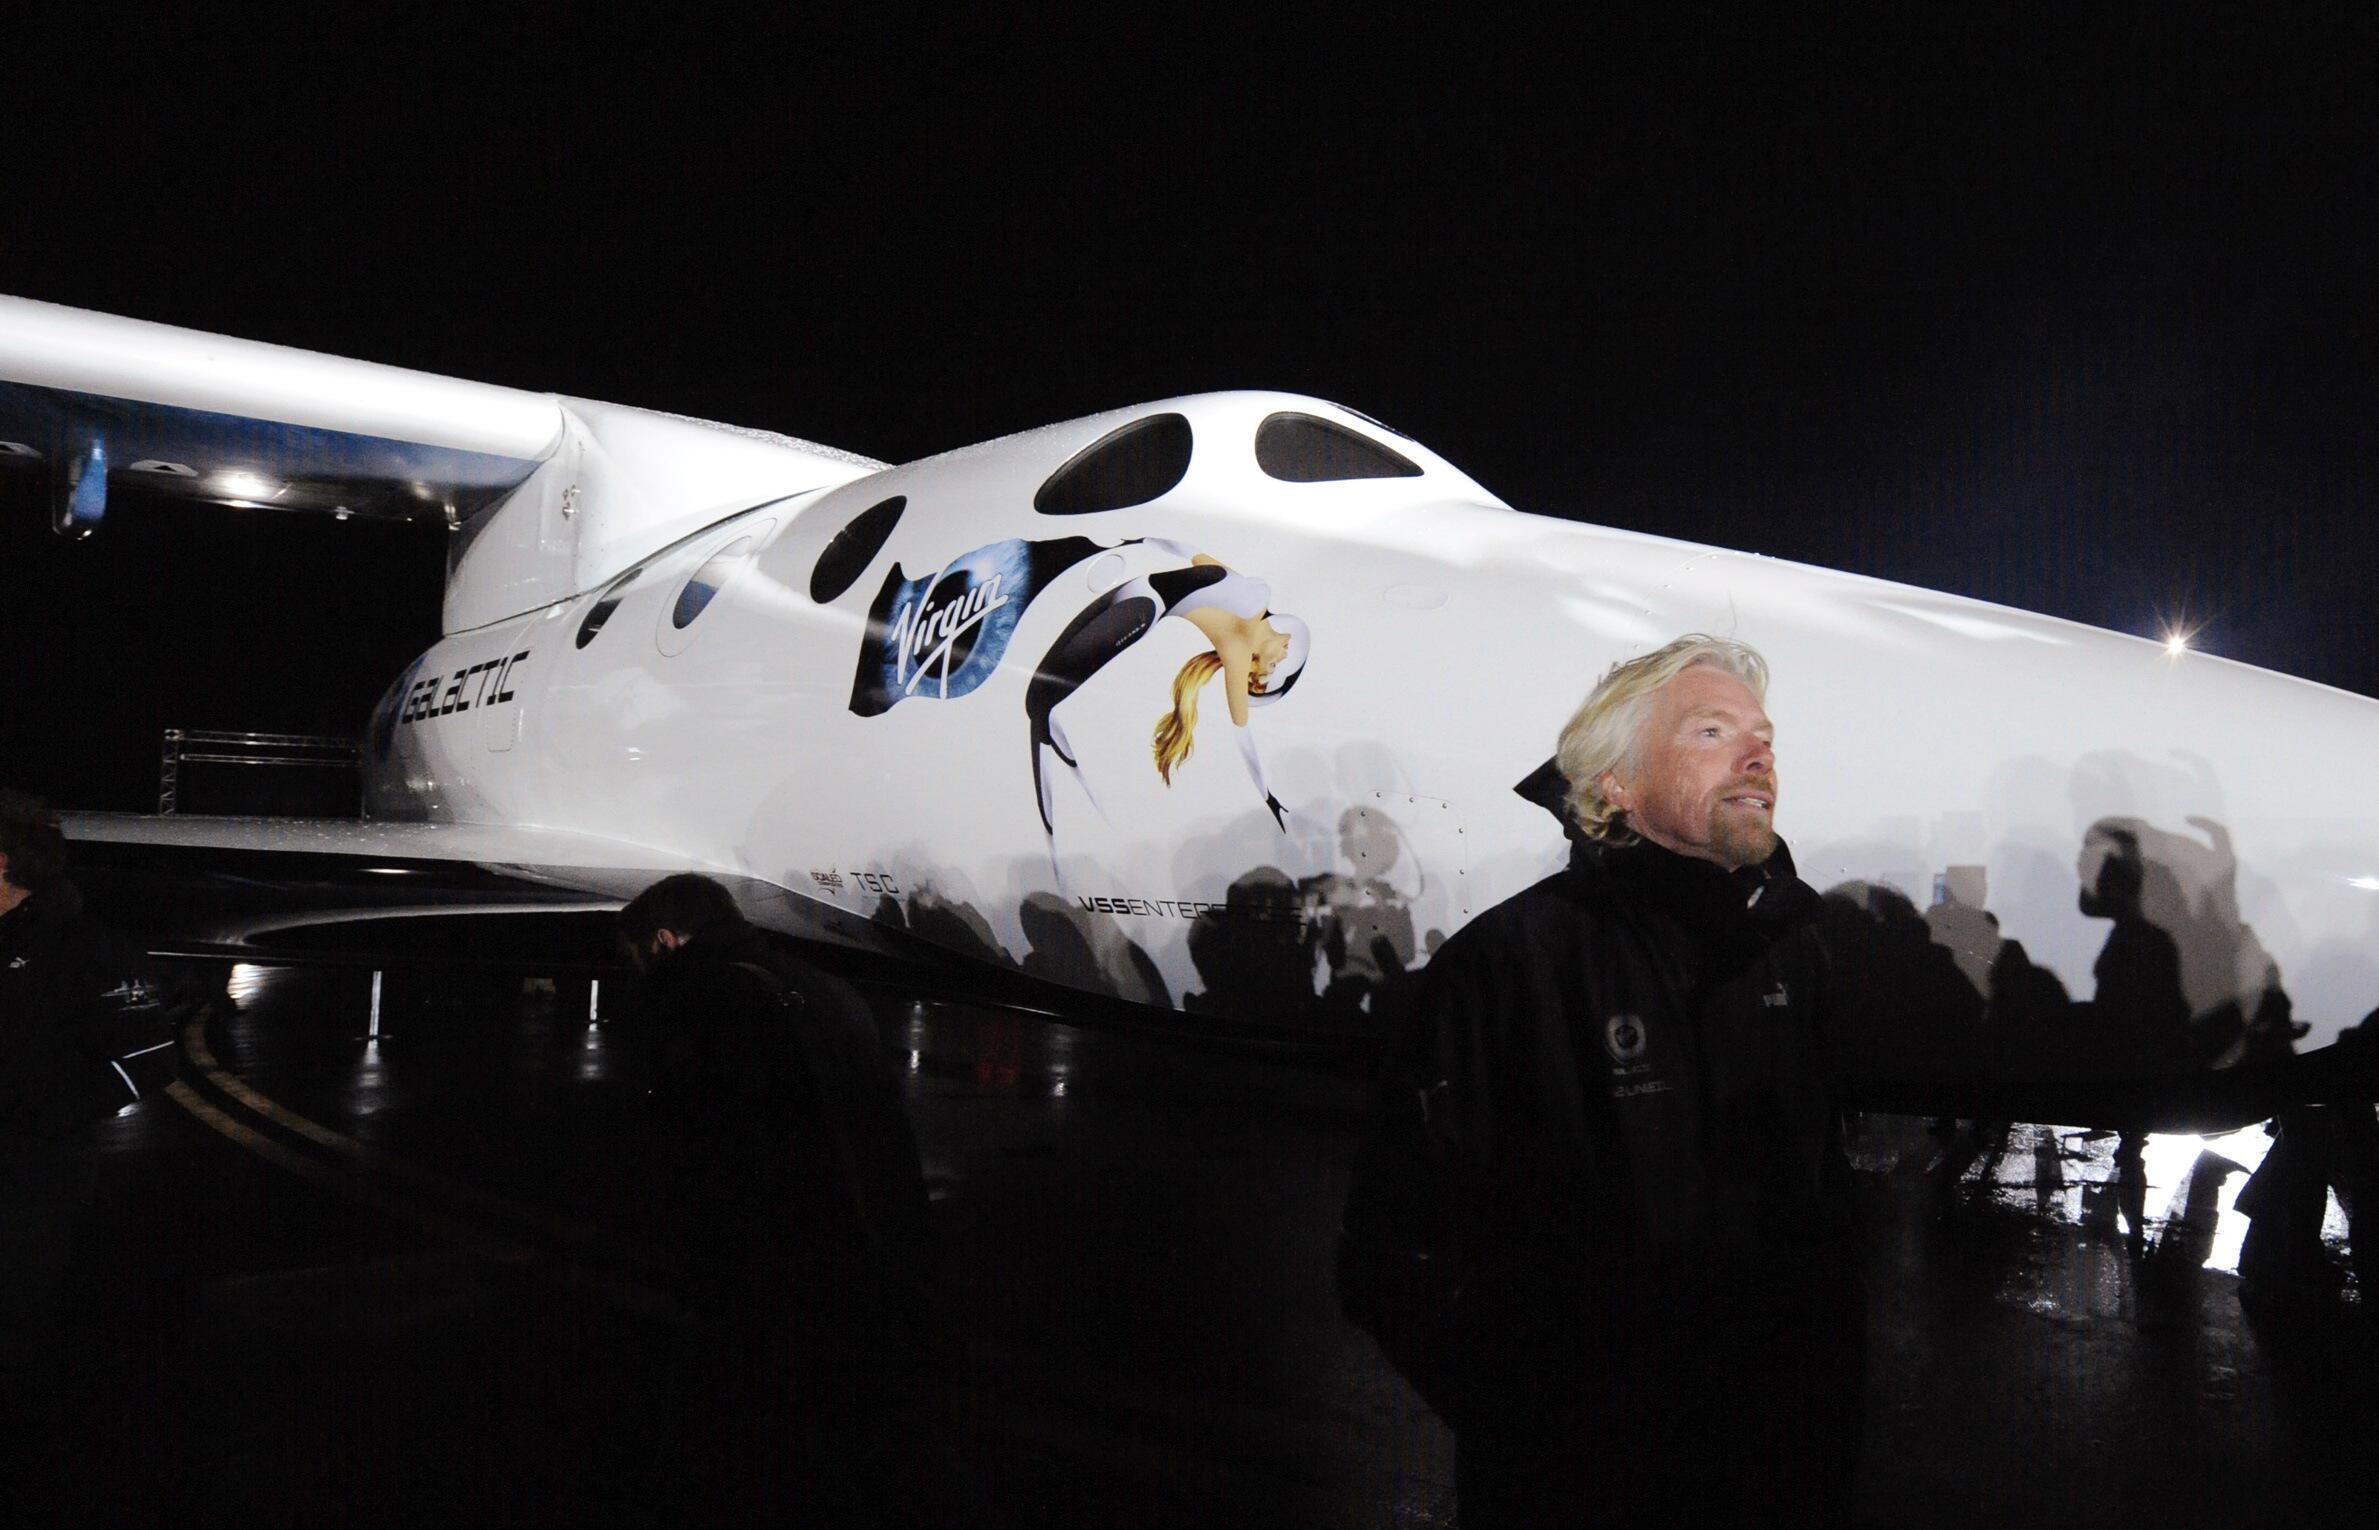 មហាសេដ្ឋីអង់គ្លេស Richard Branson ឈរនៅមុខយានអវកាស SpaceShipTwo កាលពីថ្ងៃទី៧ ធ្នូ ២០០៩ (រូបថតឯកសារ)